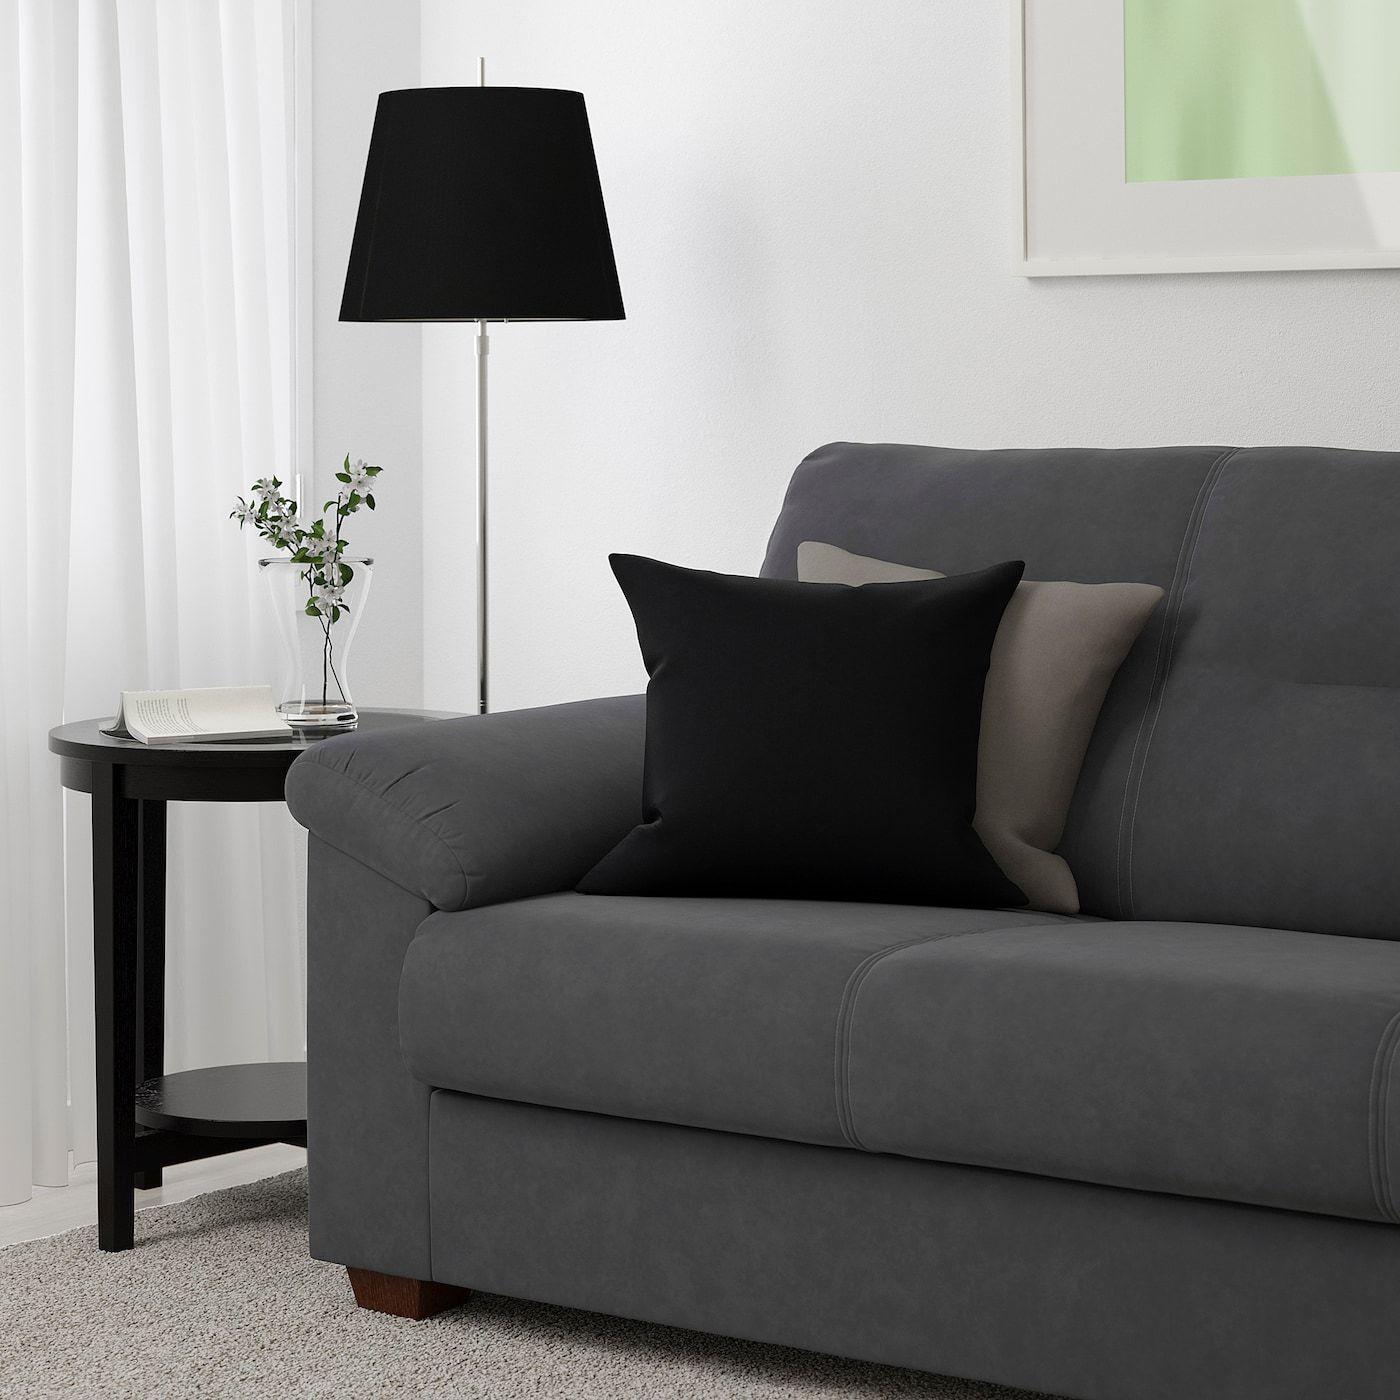 Knislinge Sofa Samsta Dark Gray In 2020 Sofa Ikea Love Seat